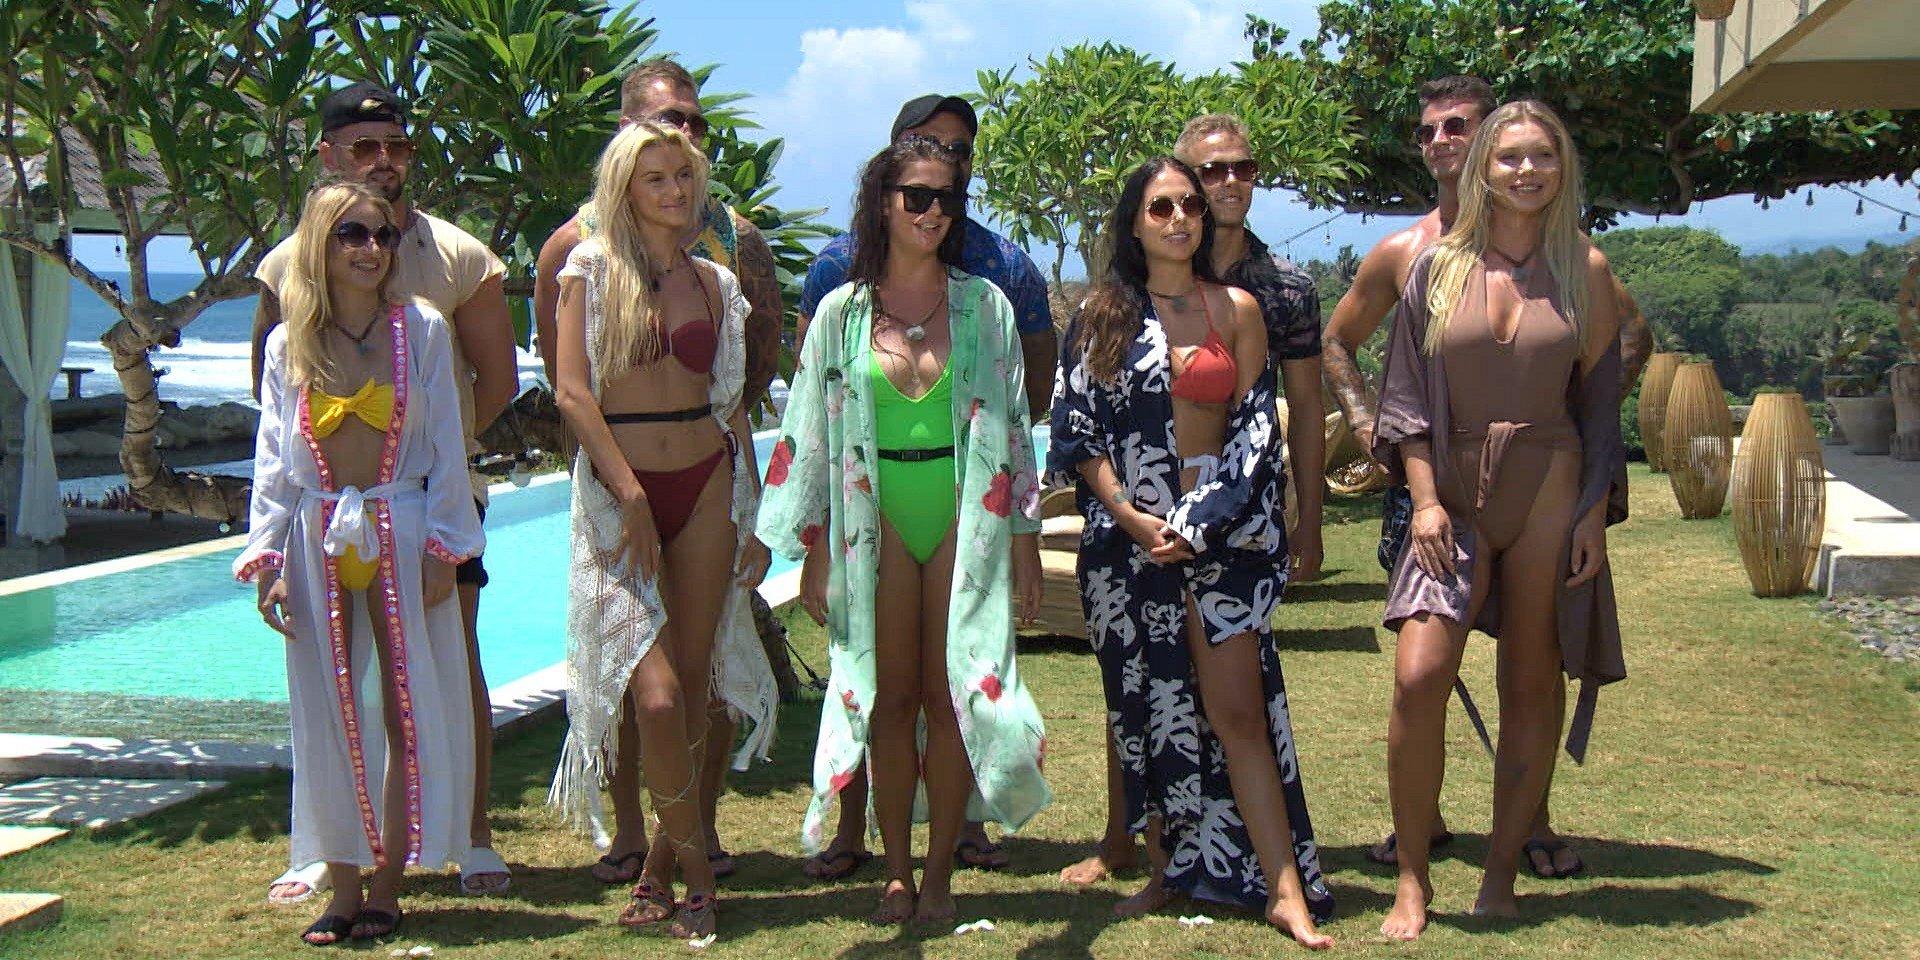 Hotel Paradise - jedna decyzja, a tak wiele konsekwencji! (zapowiedź odcinka 17)